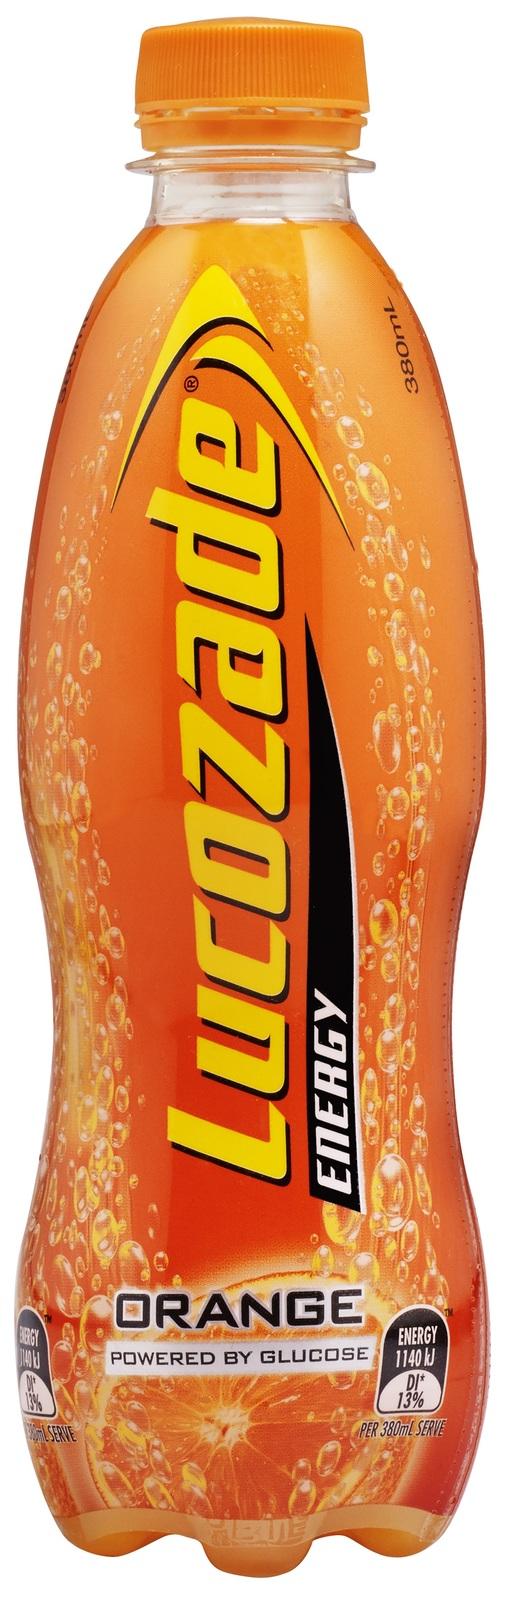 Lucozade - Orange (380ml) image